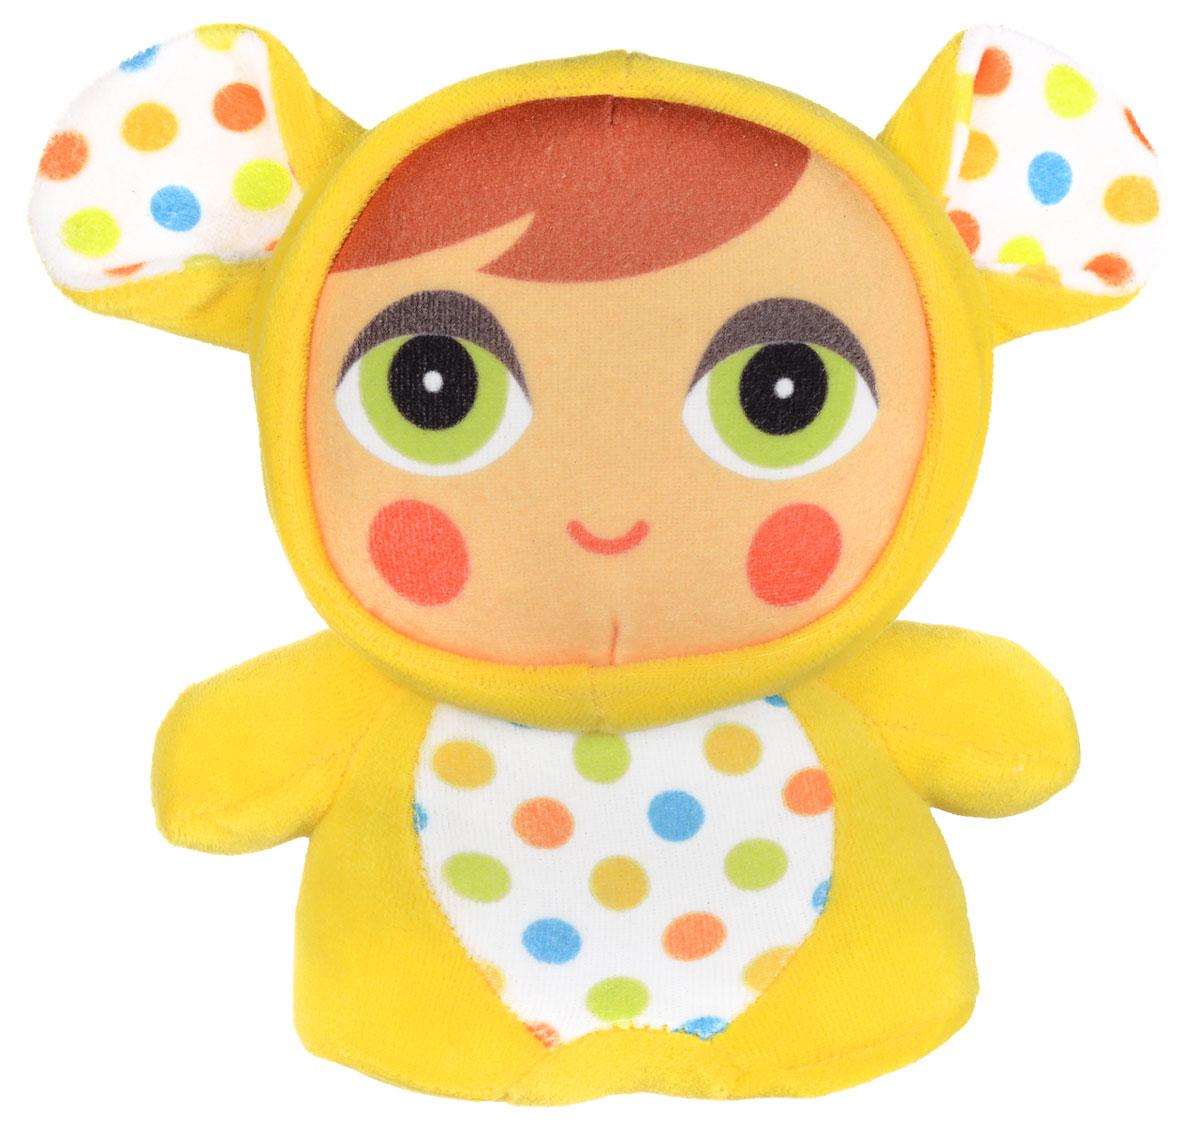 Mommy Love Развивающая игрушка Глазки в глазки цвет желтый